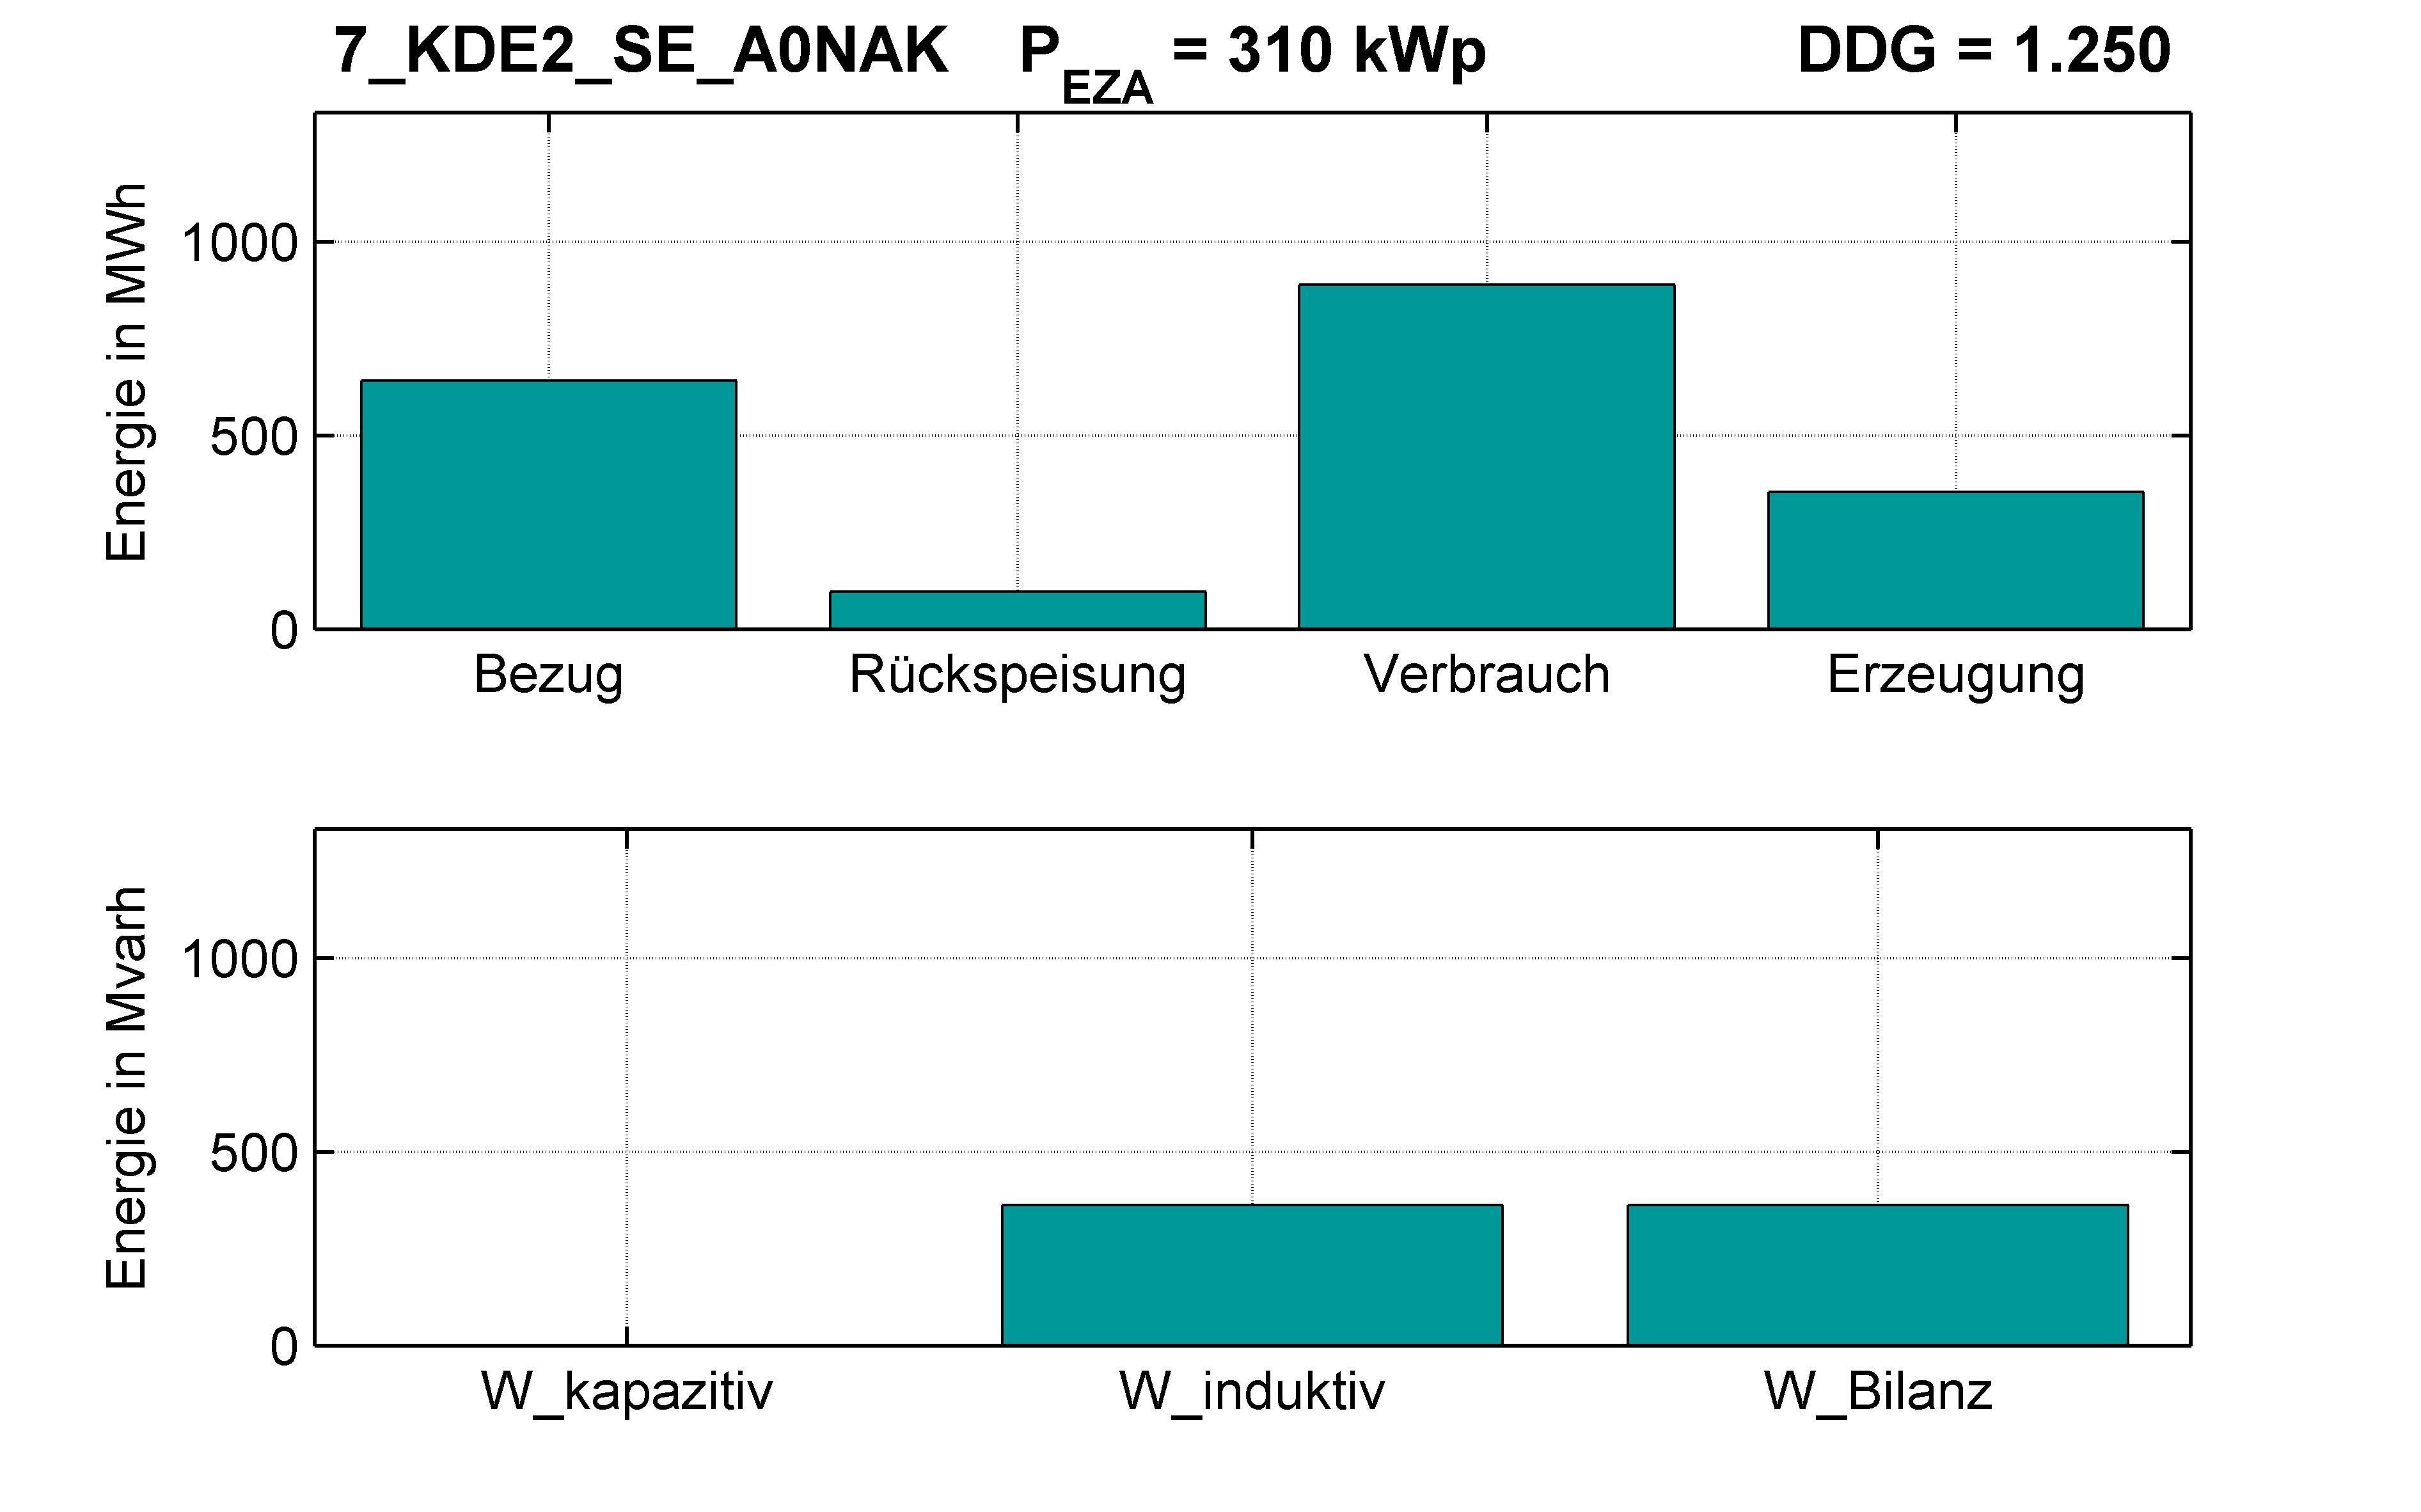 KDE2 | Längsregler (SE) A0NAK | PQ-Bilanz